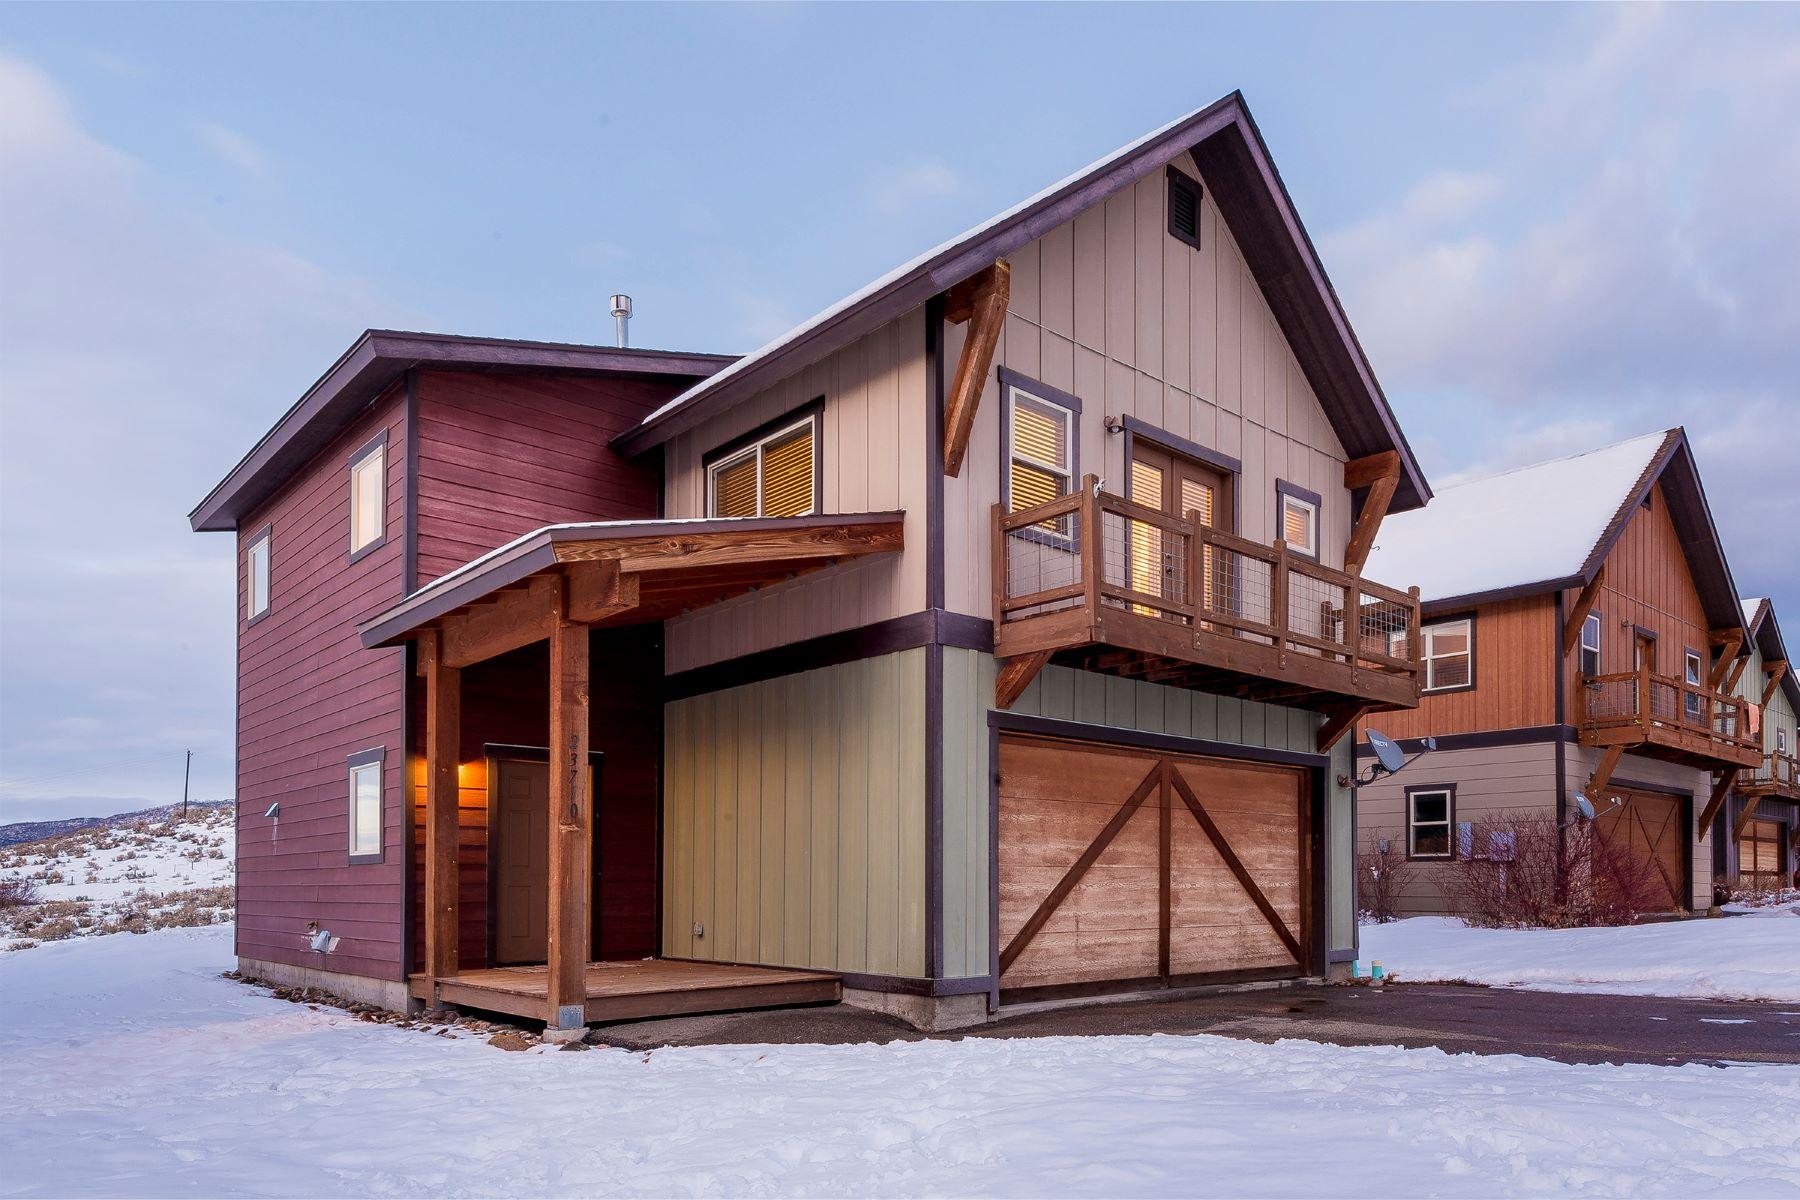 Частный односемейный дом для того Продажа на Red Hawk Village, Stagecoach Colorado 23710 Sagebrush Cir, Oak Creek, Колорадо, 80467 Соединенные Штаты